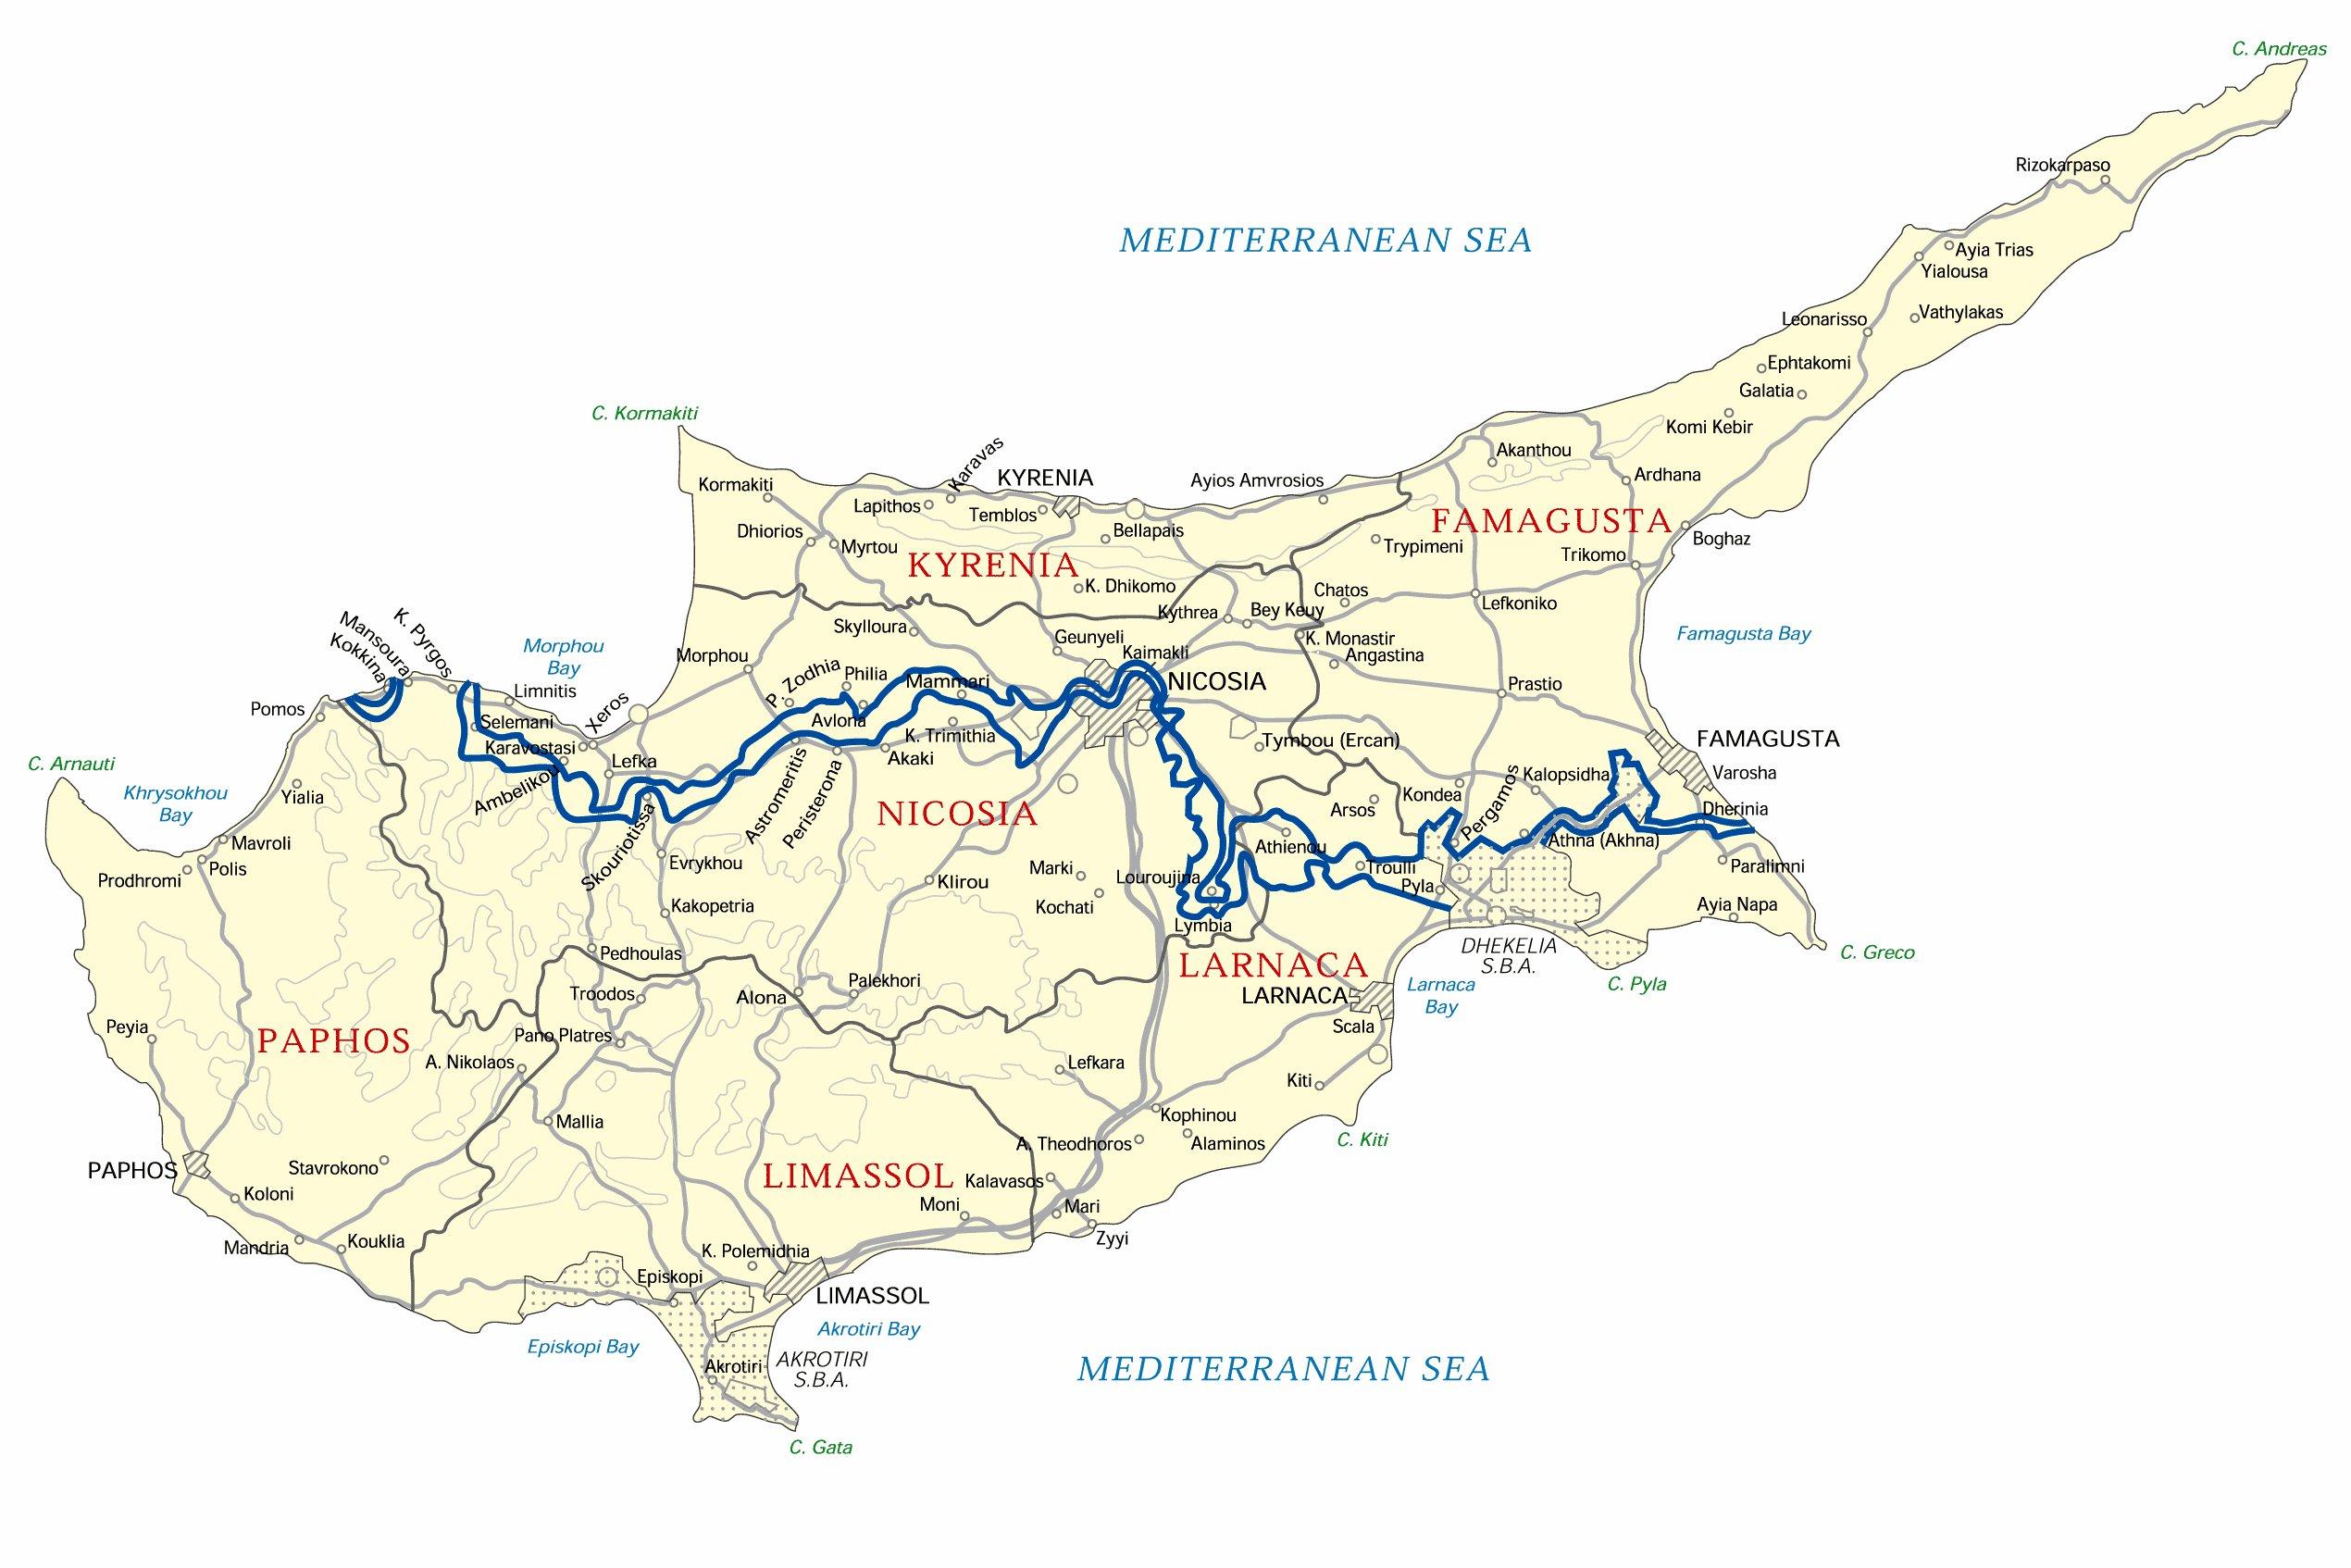 Карта Лимассола подробная карта отелей пляжей